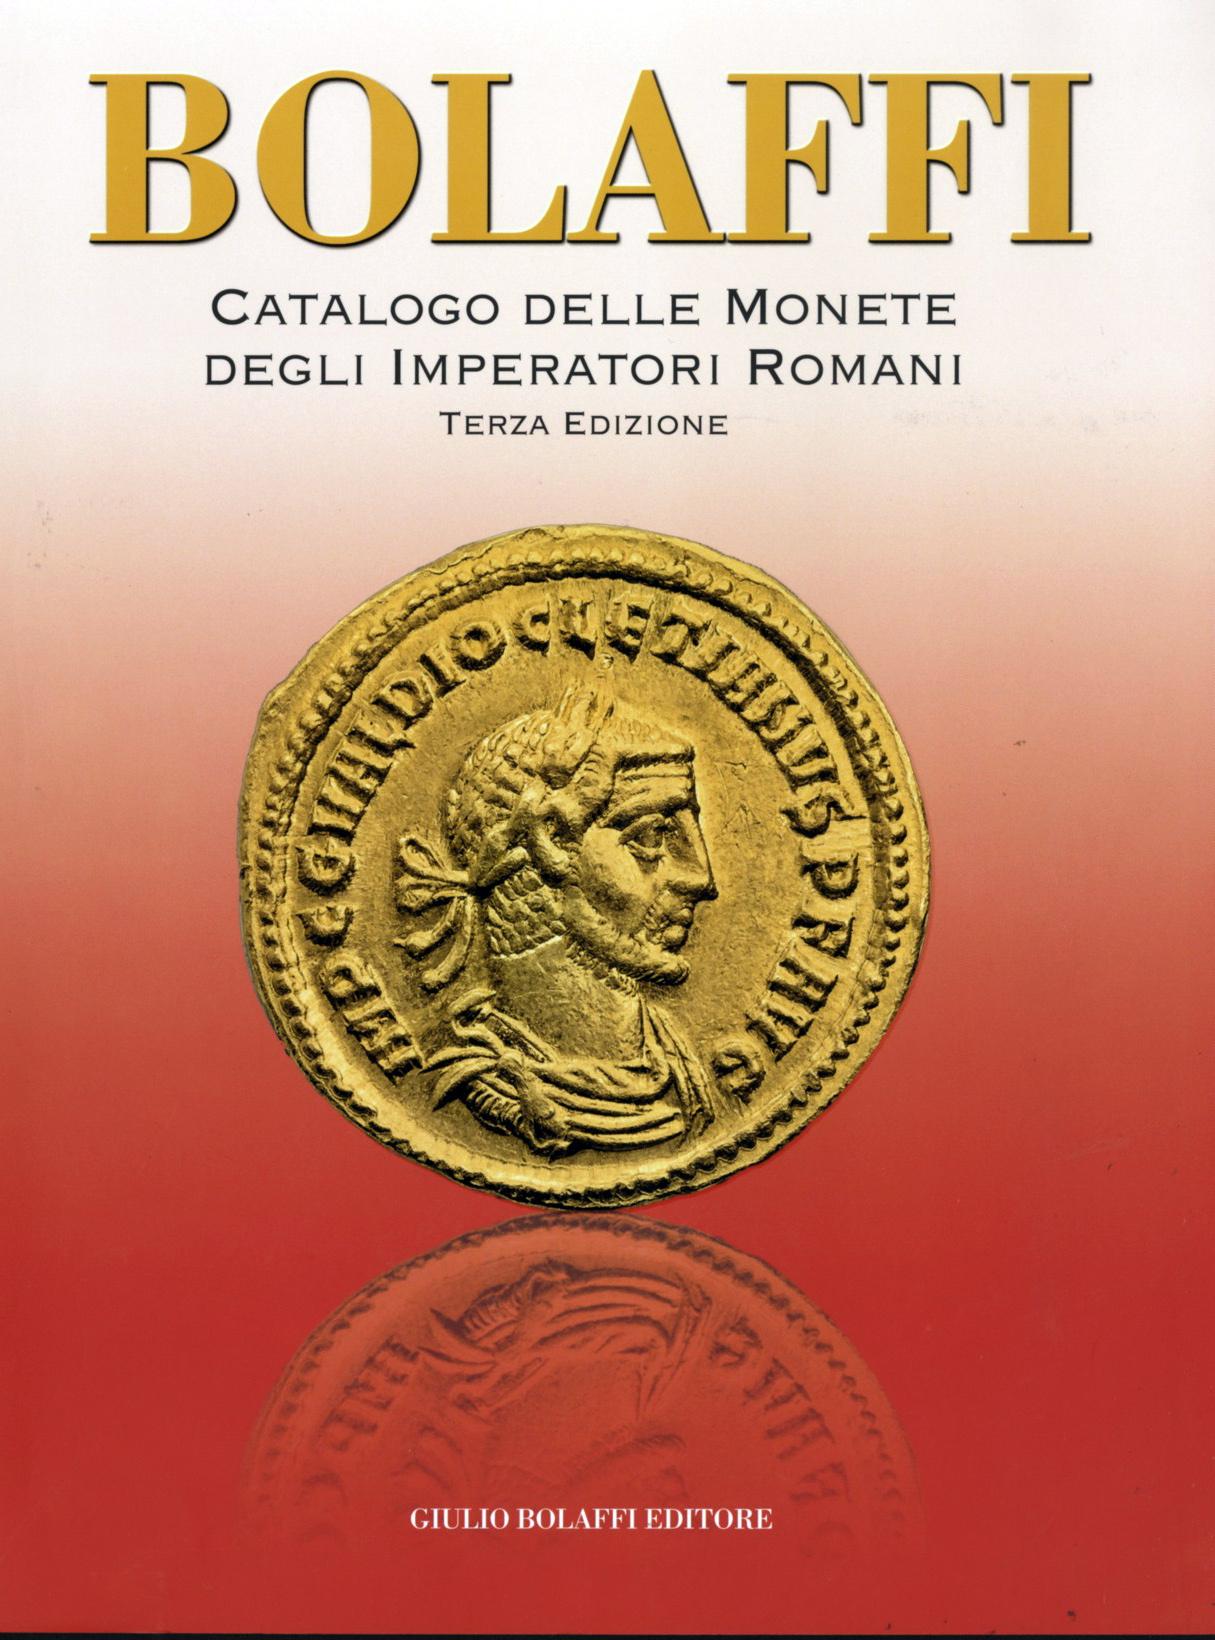 4506bcc978 Catalogo delle monete degli imperatori romani